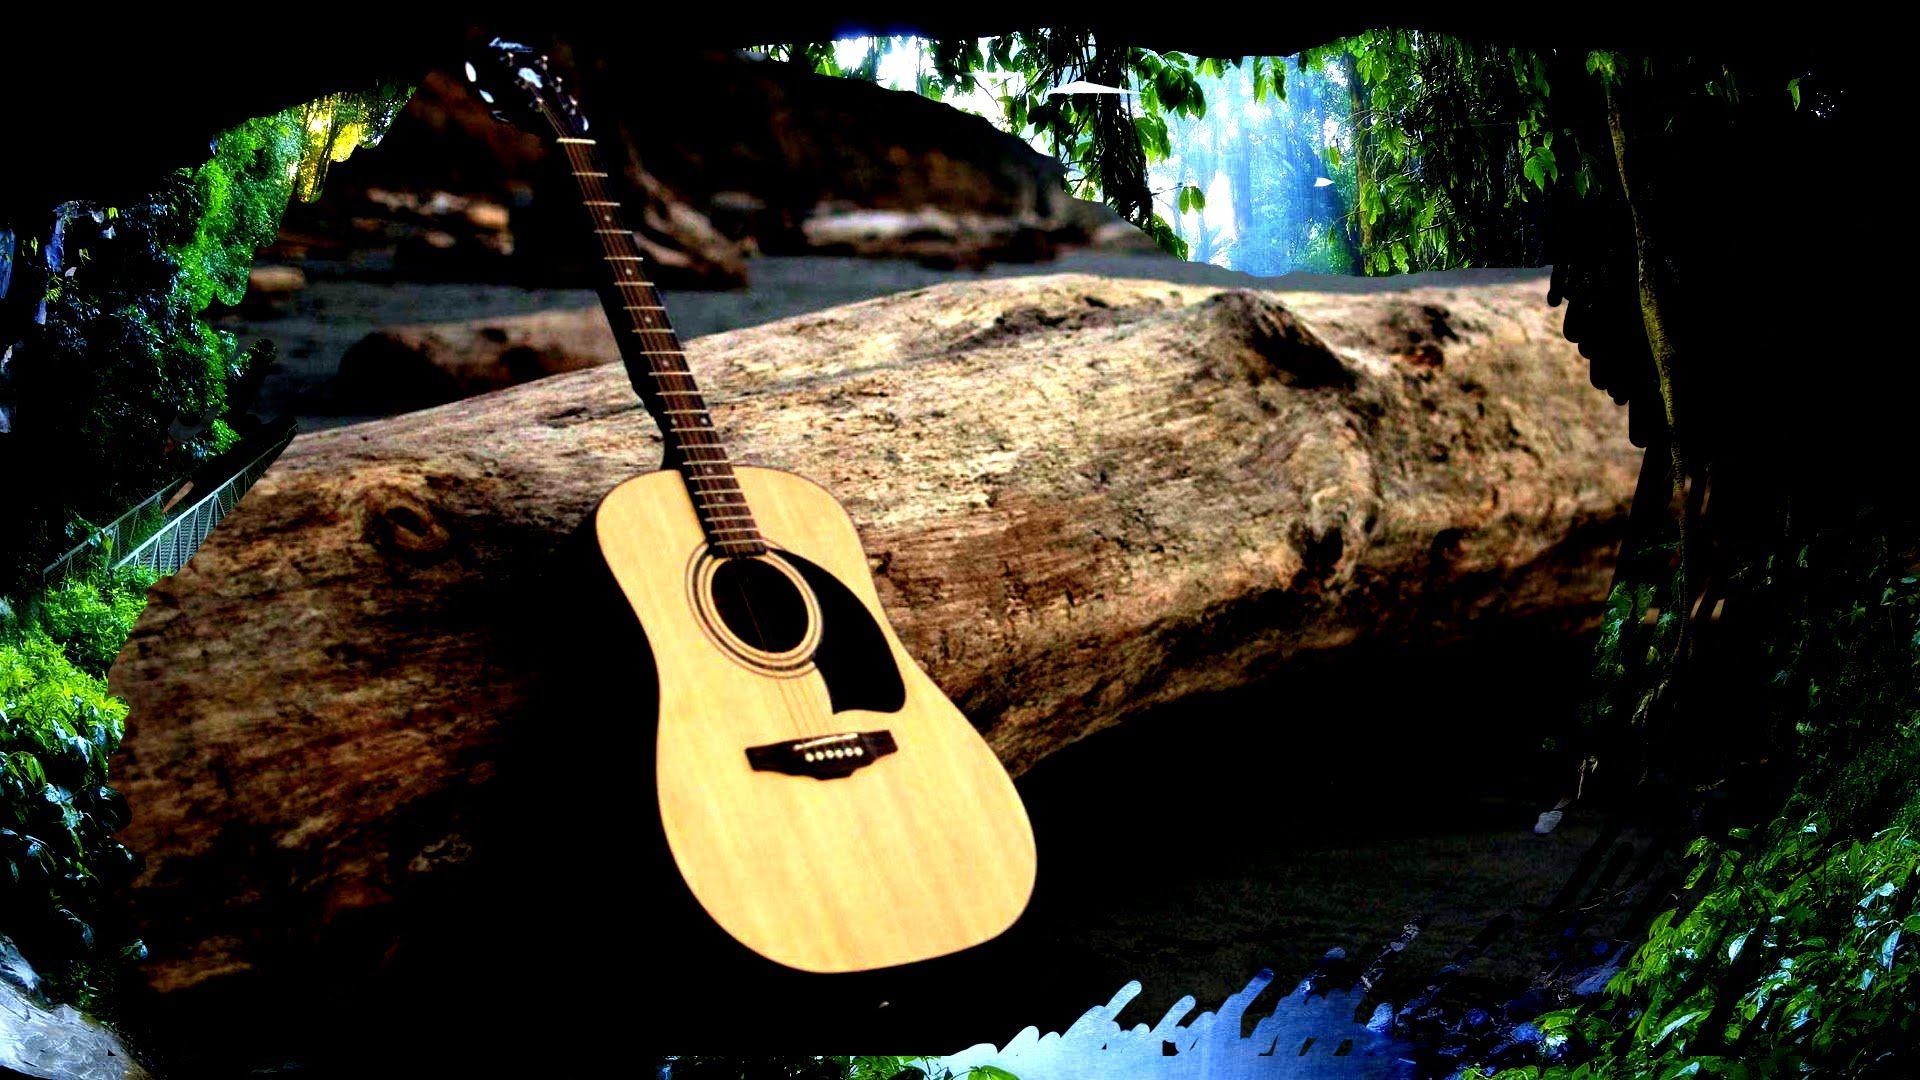 Relaxing Acoustic Guitar Music 2 Hours Rainforest Sounds Meditation Sound Meditation Acoustic Guitar Music Sleep Studies